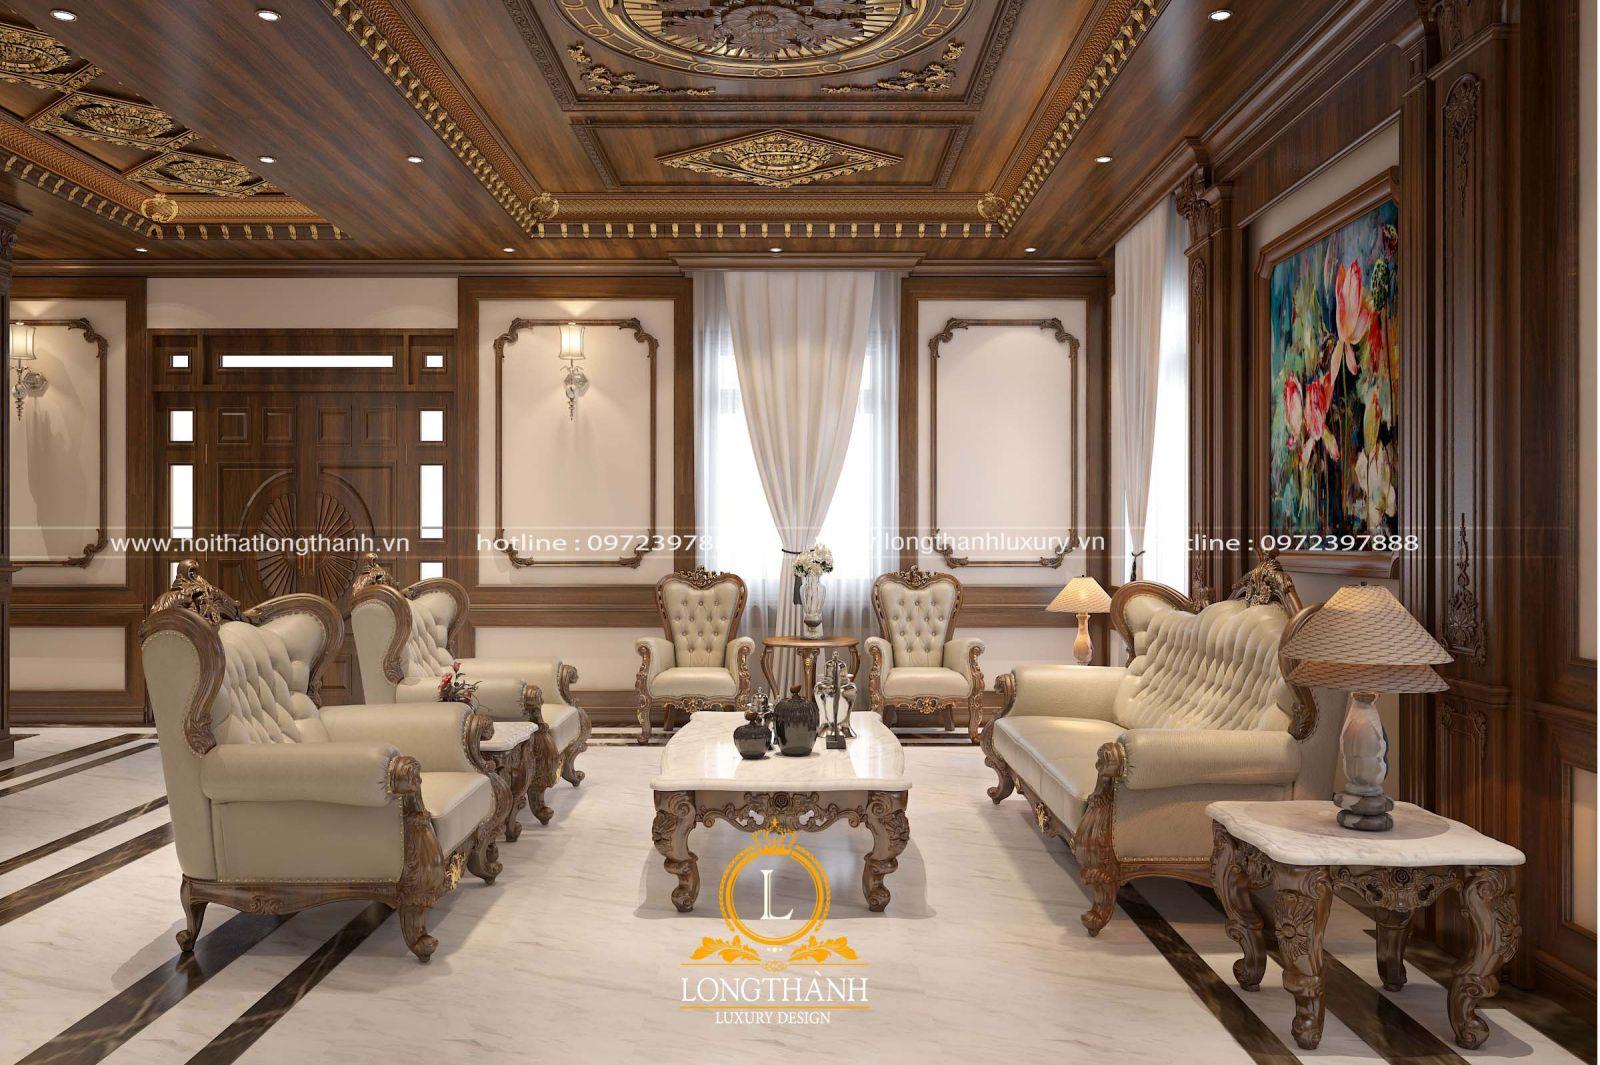 Thiết kế nội thất phòng khách đẹp với góc nhìn chính diện sofa